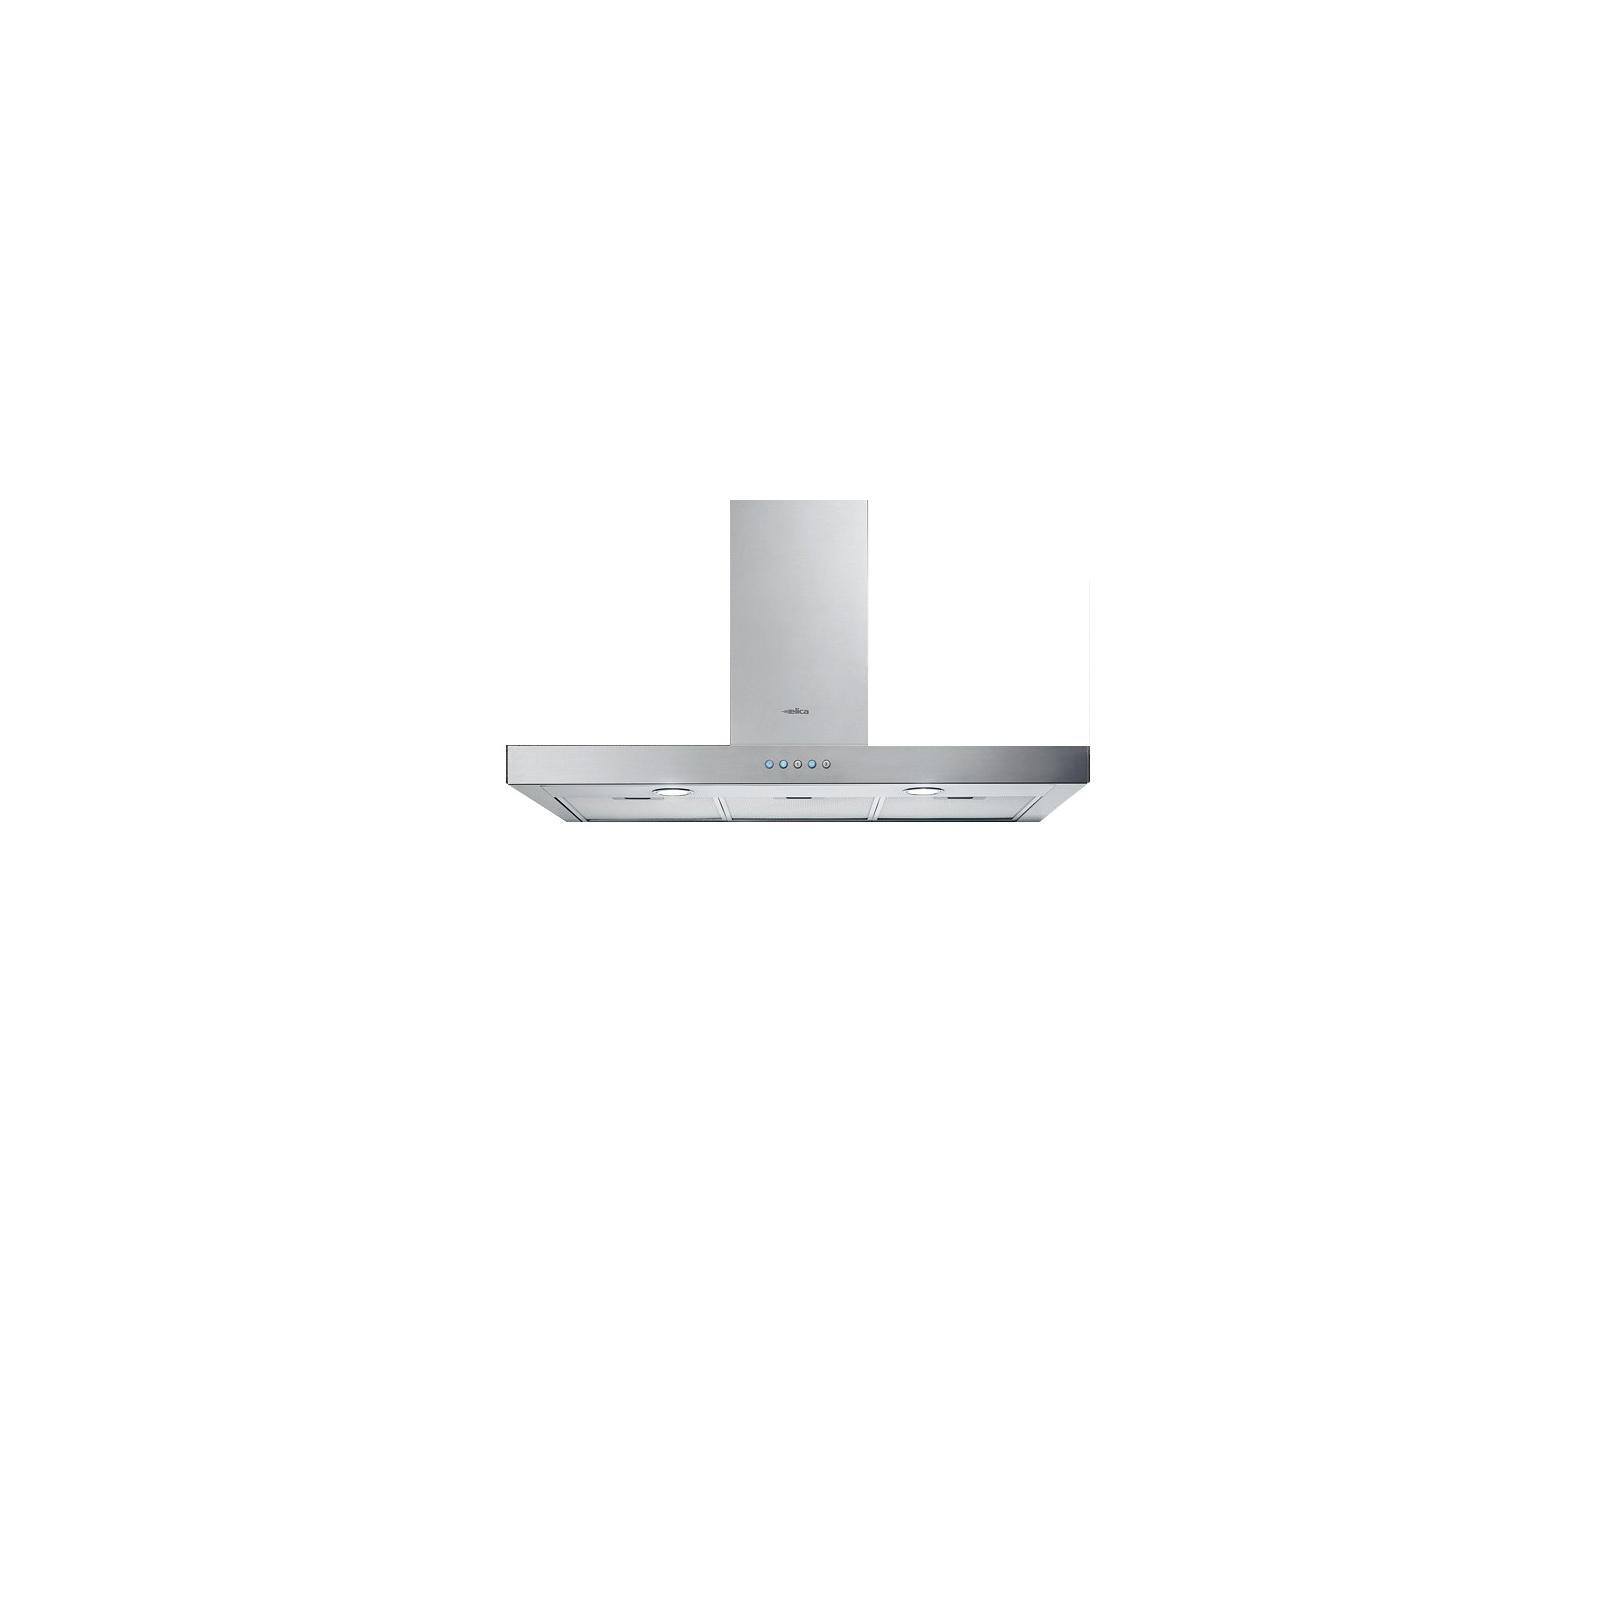 Вытяжка кухонная Elica SPOT PLUS IX/A/60